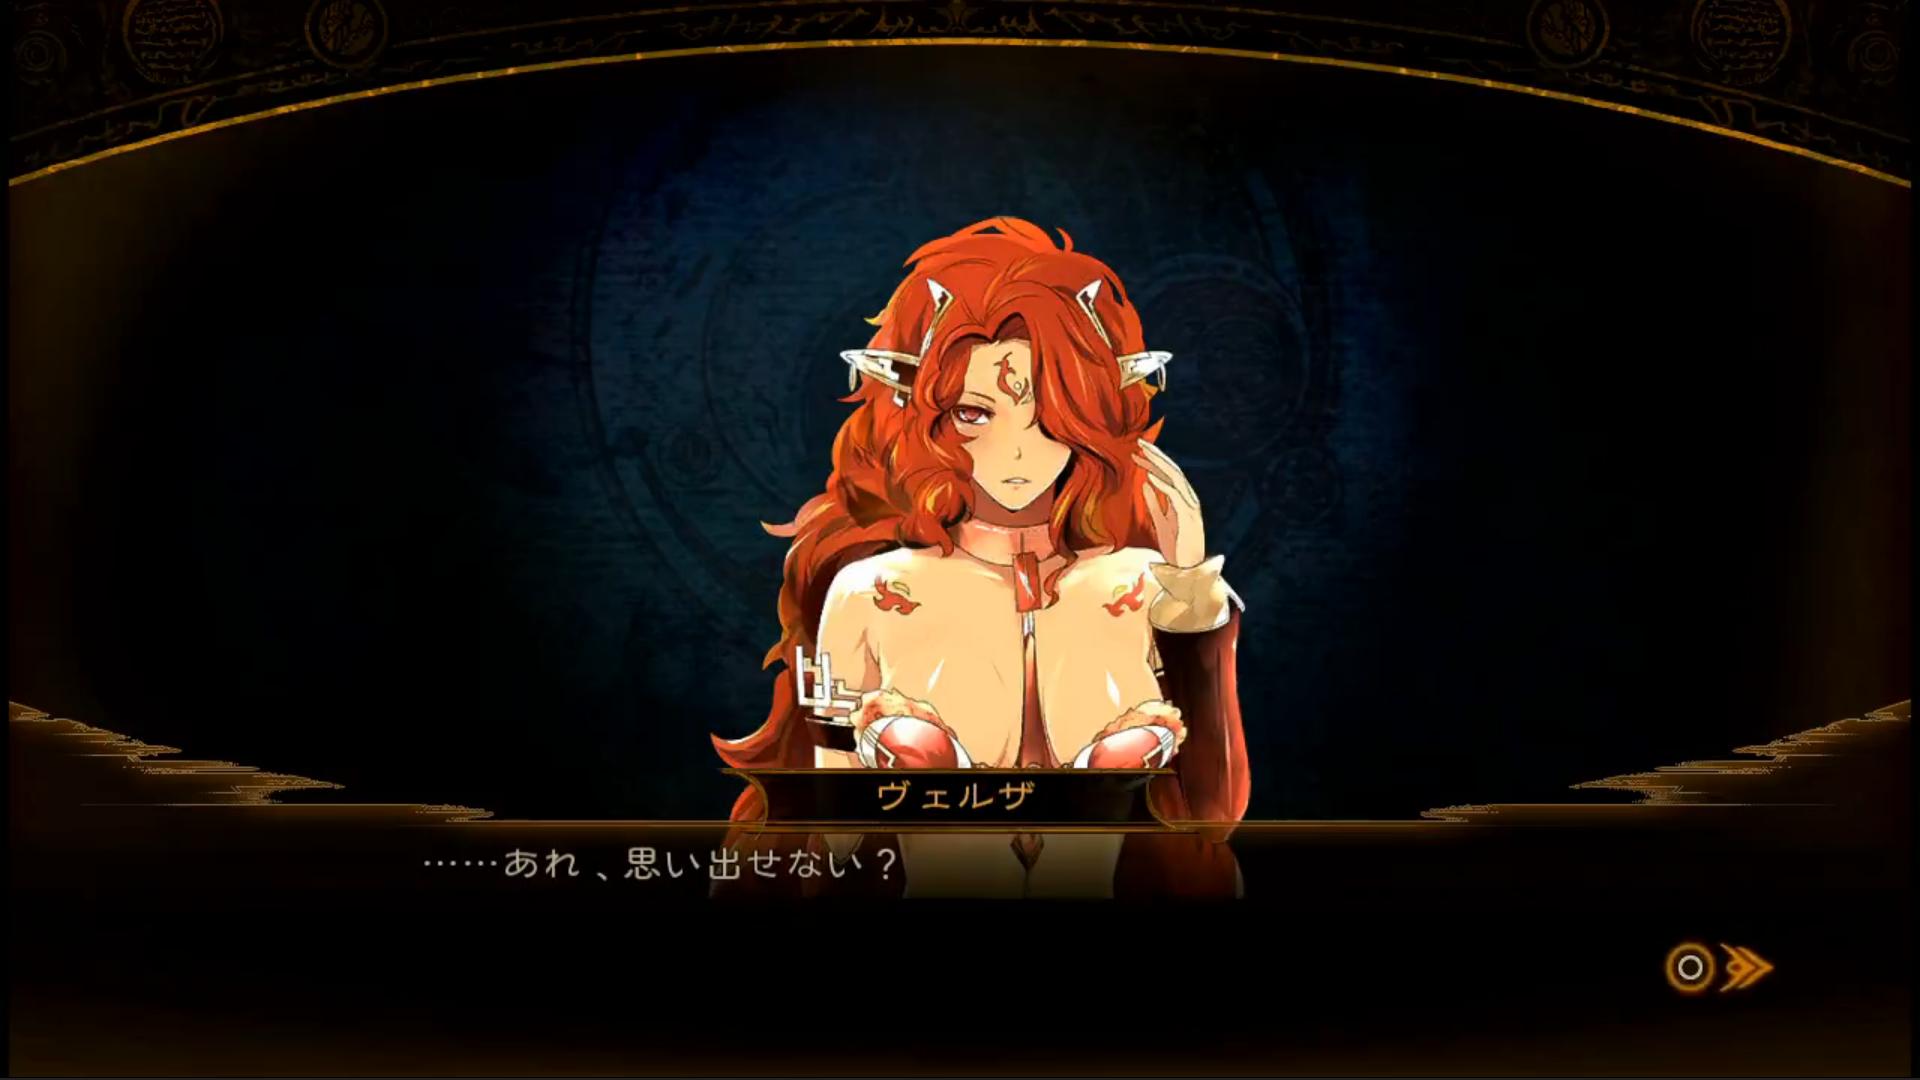 皇色在动视屏直接看的_ps3影牢 黑暗公主游戏画面视屏多重结局